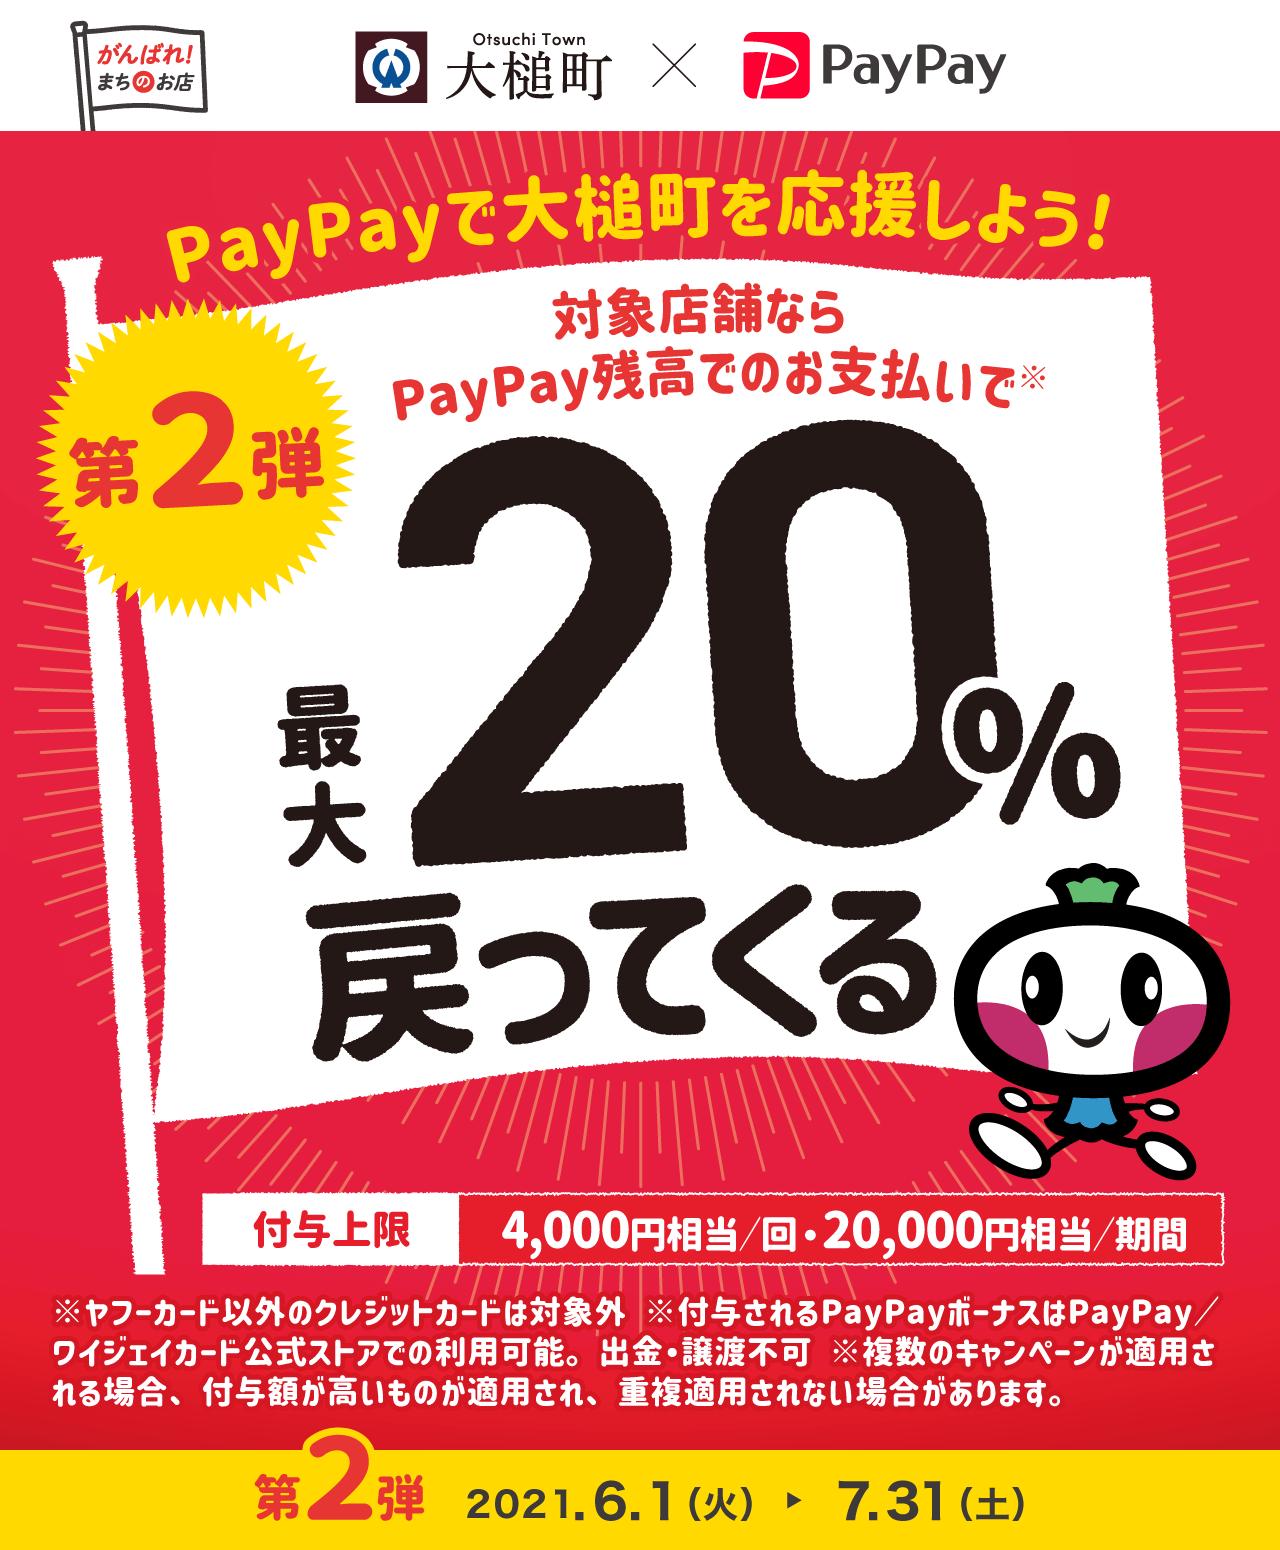 PayPayで大槌町を応援しよう!第2弾 対象店舗ならPayPay残高でのお支払いで最大20%戻ってくる